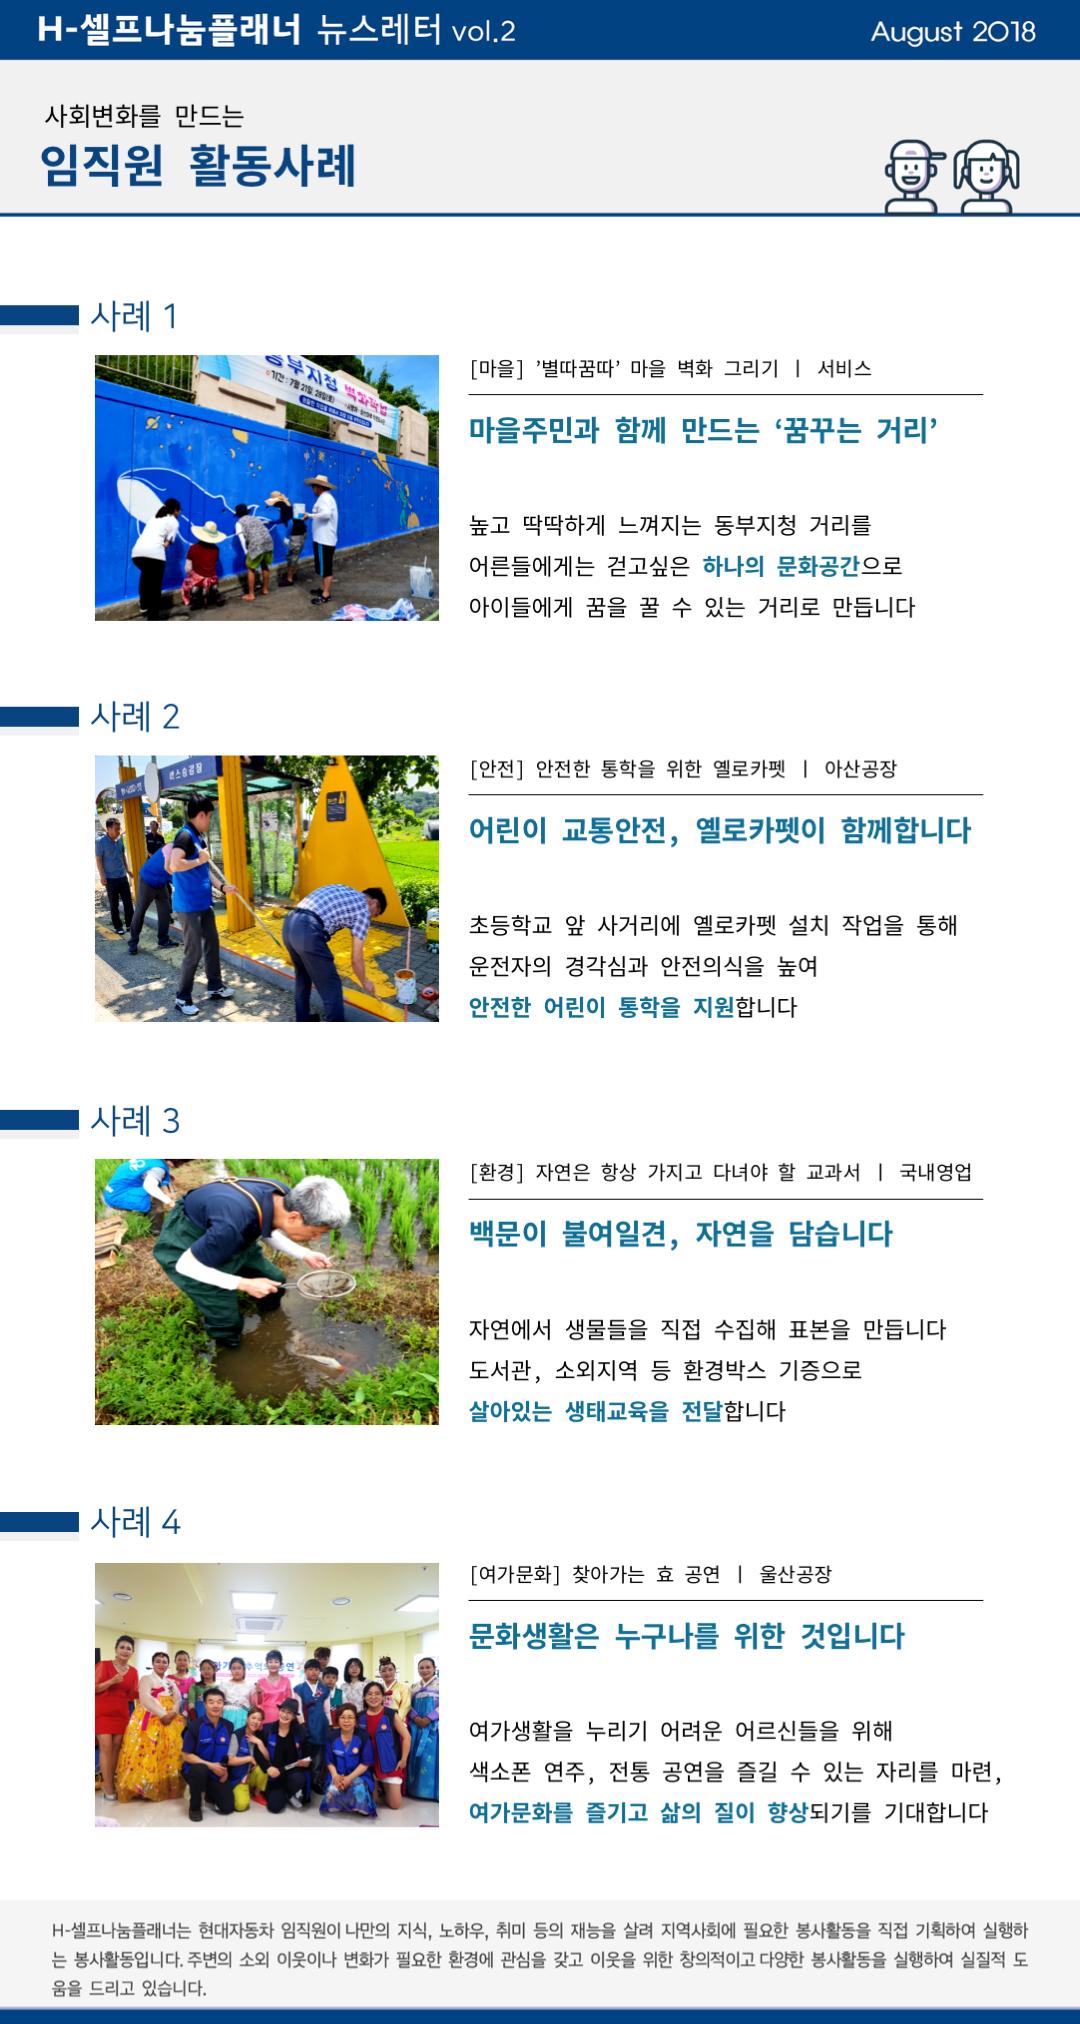 H-셀프나눔_뉴스레터 2호_서브2